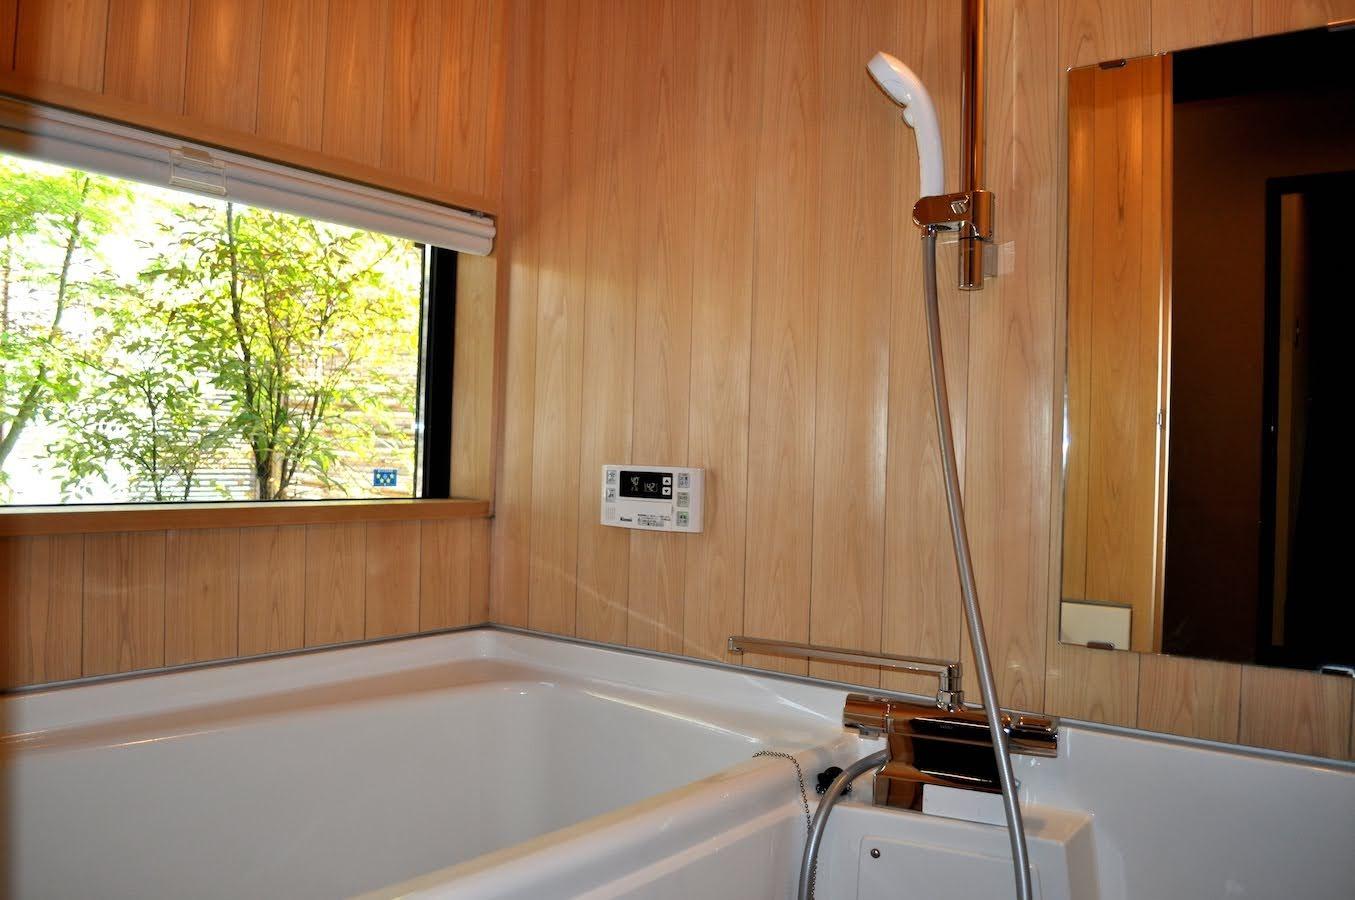 浴室と裏庭の景色